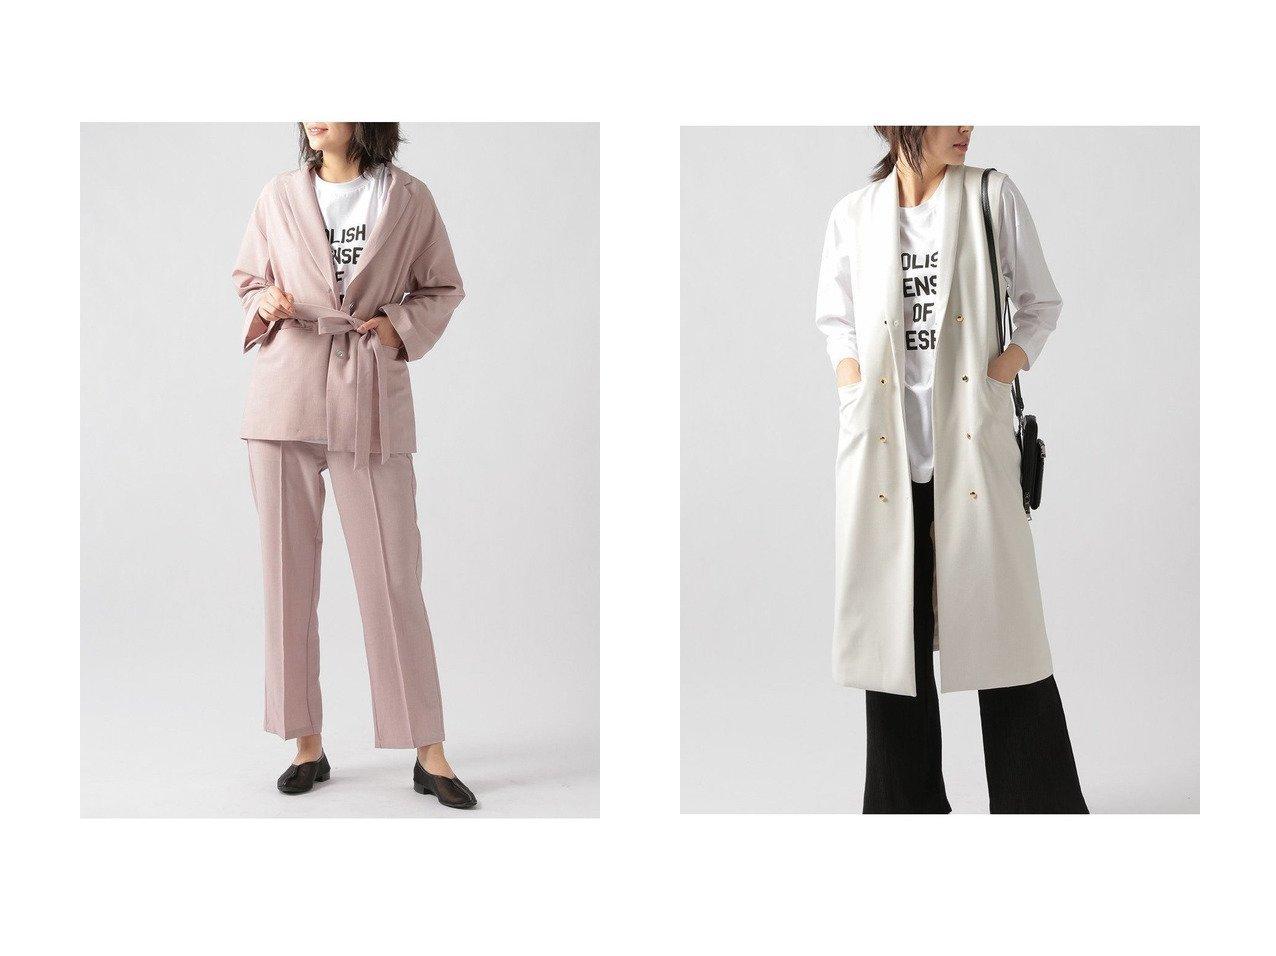 【Ezick/エジック】のダブルロングベスト&TRリネンジャケット 【アウター】おすすめ!人気、トレンド・レディースファッションの通販 おすすめで人気の流行・トレンド、ファッションの通販商品 メンズファッション・キッズファッション・インテリア・家具・レディースファッション・服の通販 founy(ファニー) https://founy.com/ ファッション Fashion レディースファッション WOMEN アウター Coat Outerwear ジャケット Jackets 2021年 2021 2021春夏・S/S SS/Spring/Summer/2021 S/S・春夏 SS・Spring/Summer ショール ジャケット ベスト 春 Spring  ID:crp329100000028702